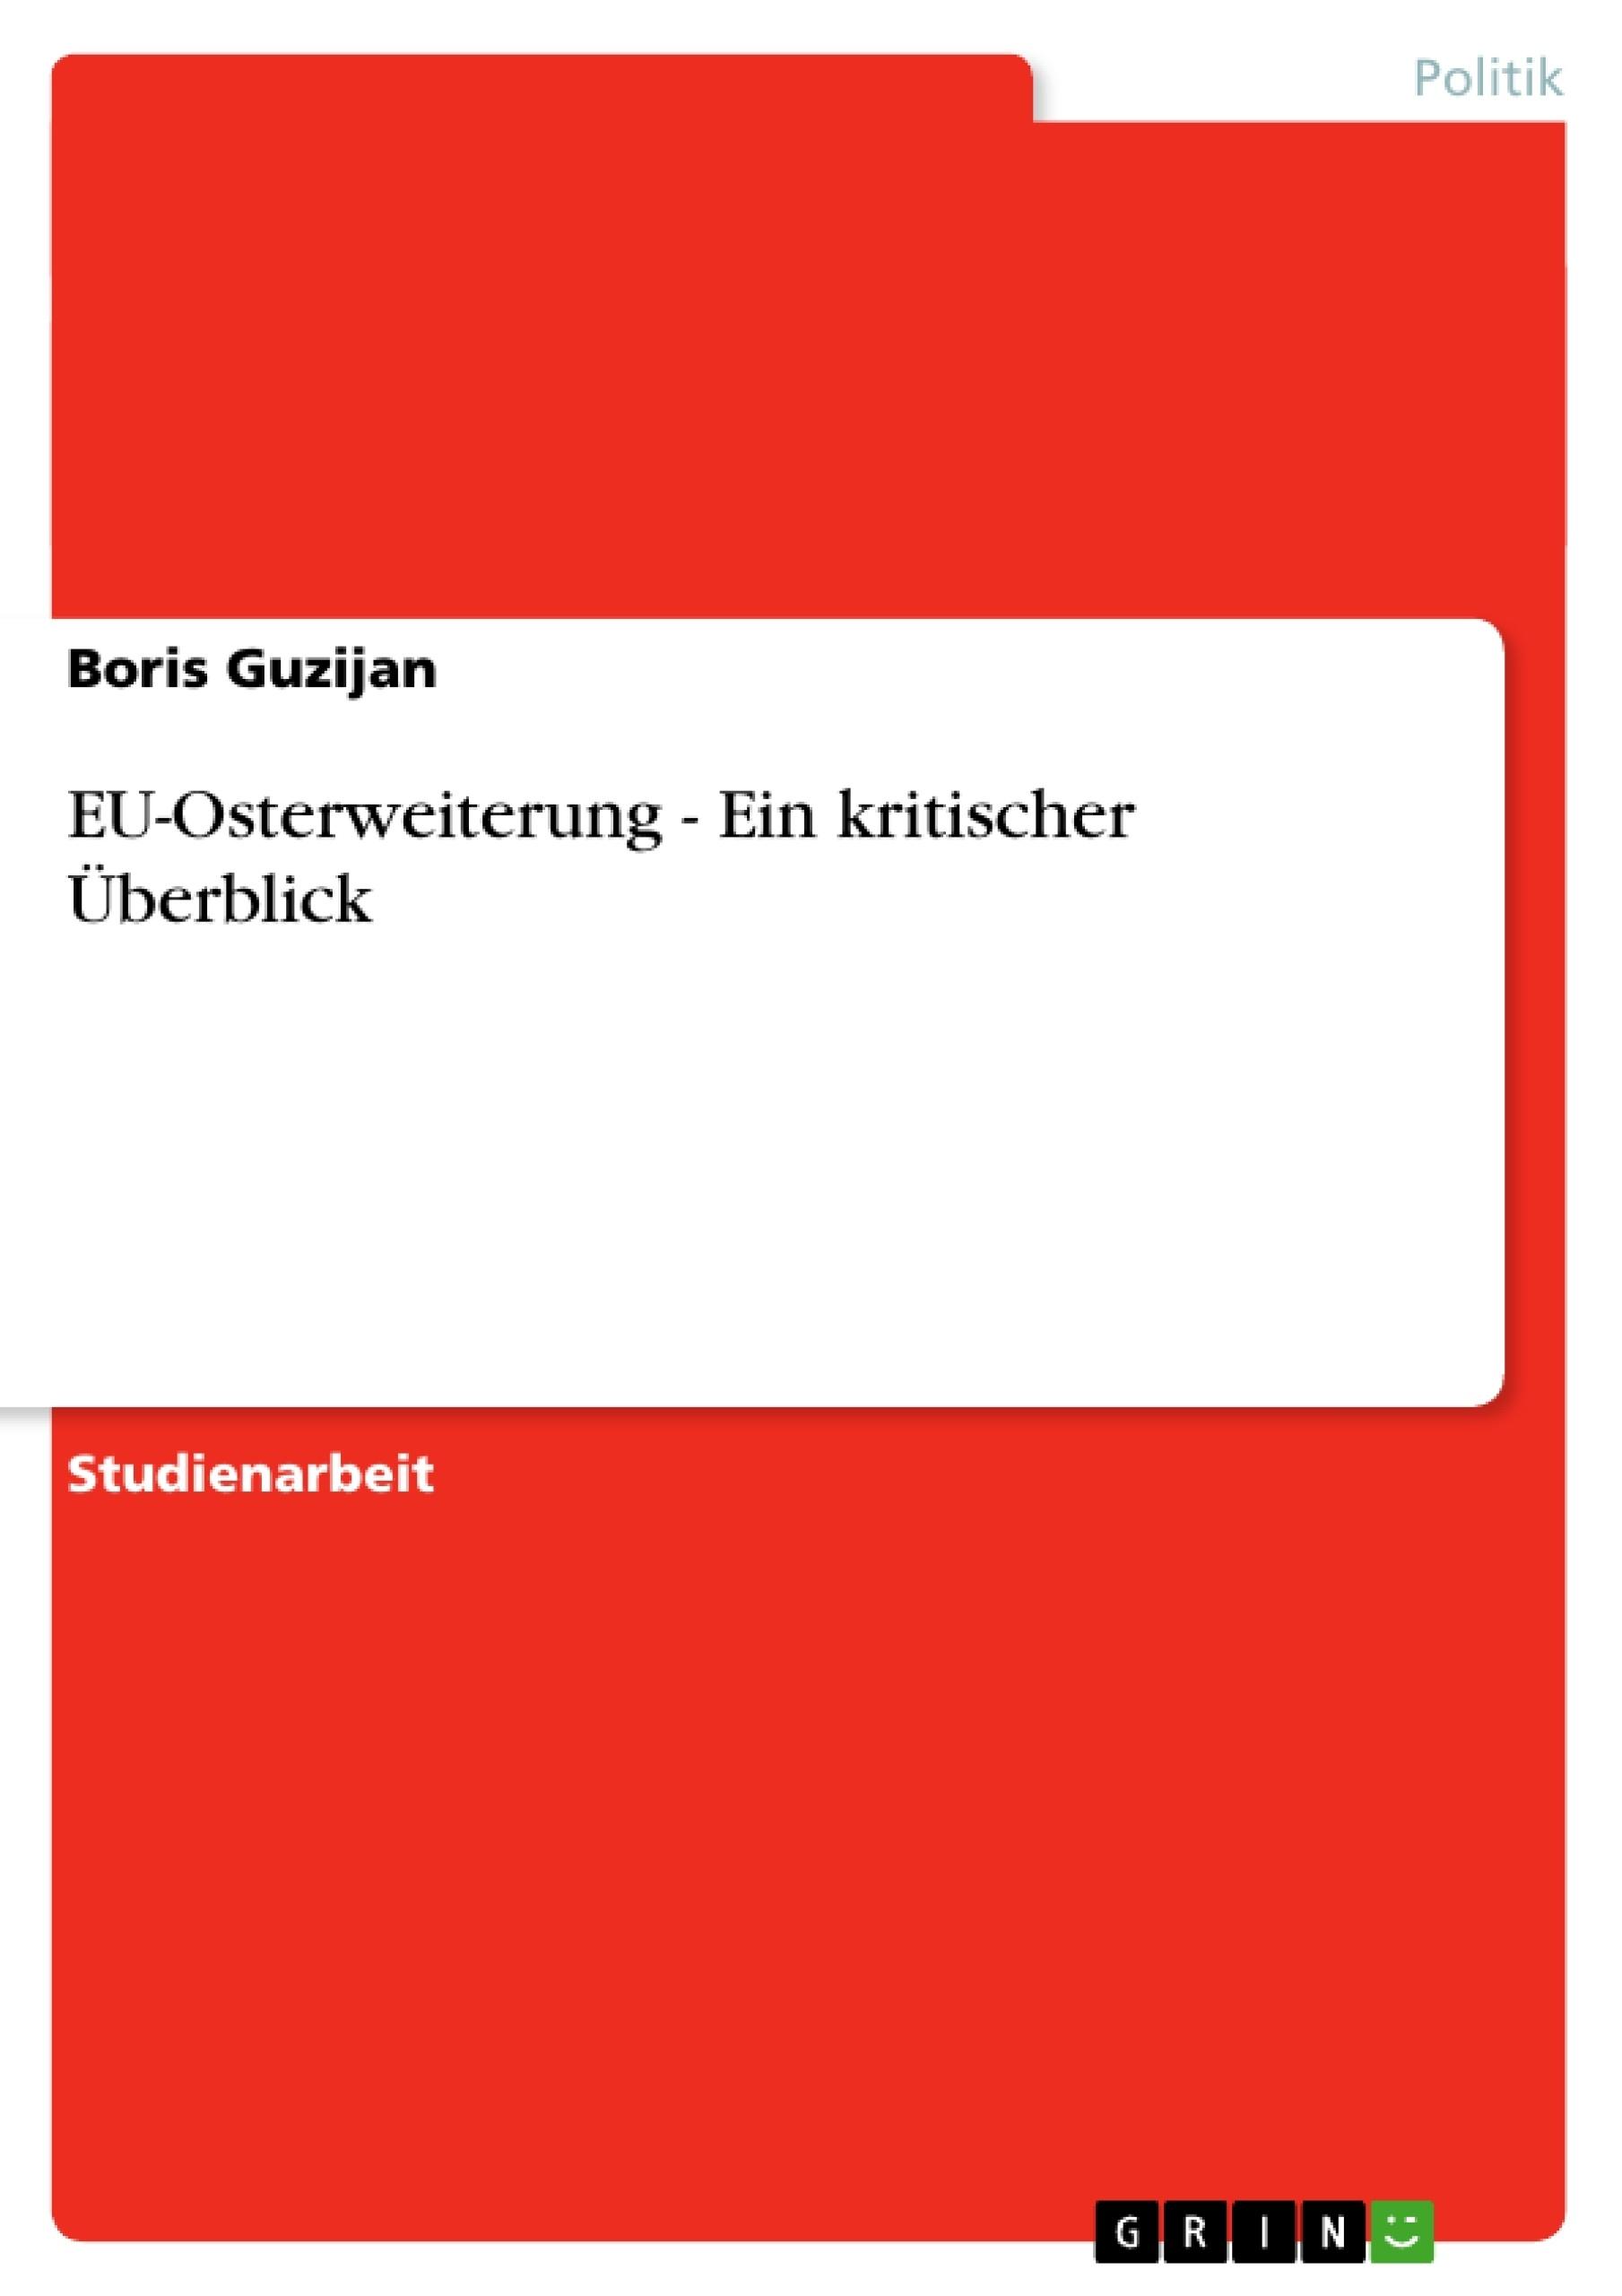 Titel: EU-Osterweiterung - Ein kritischer Überblick